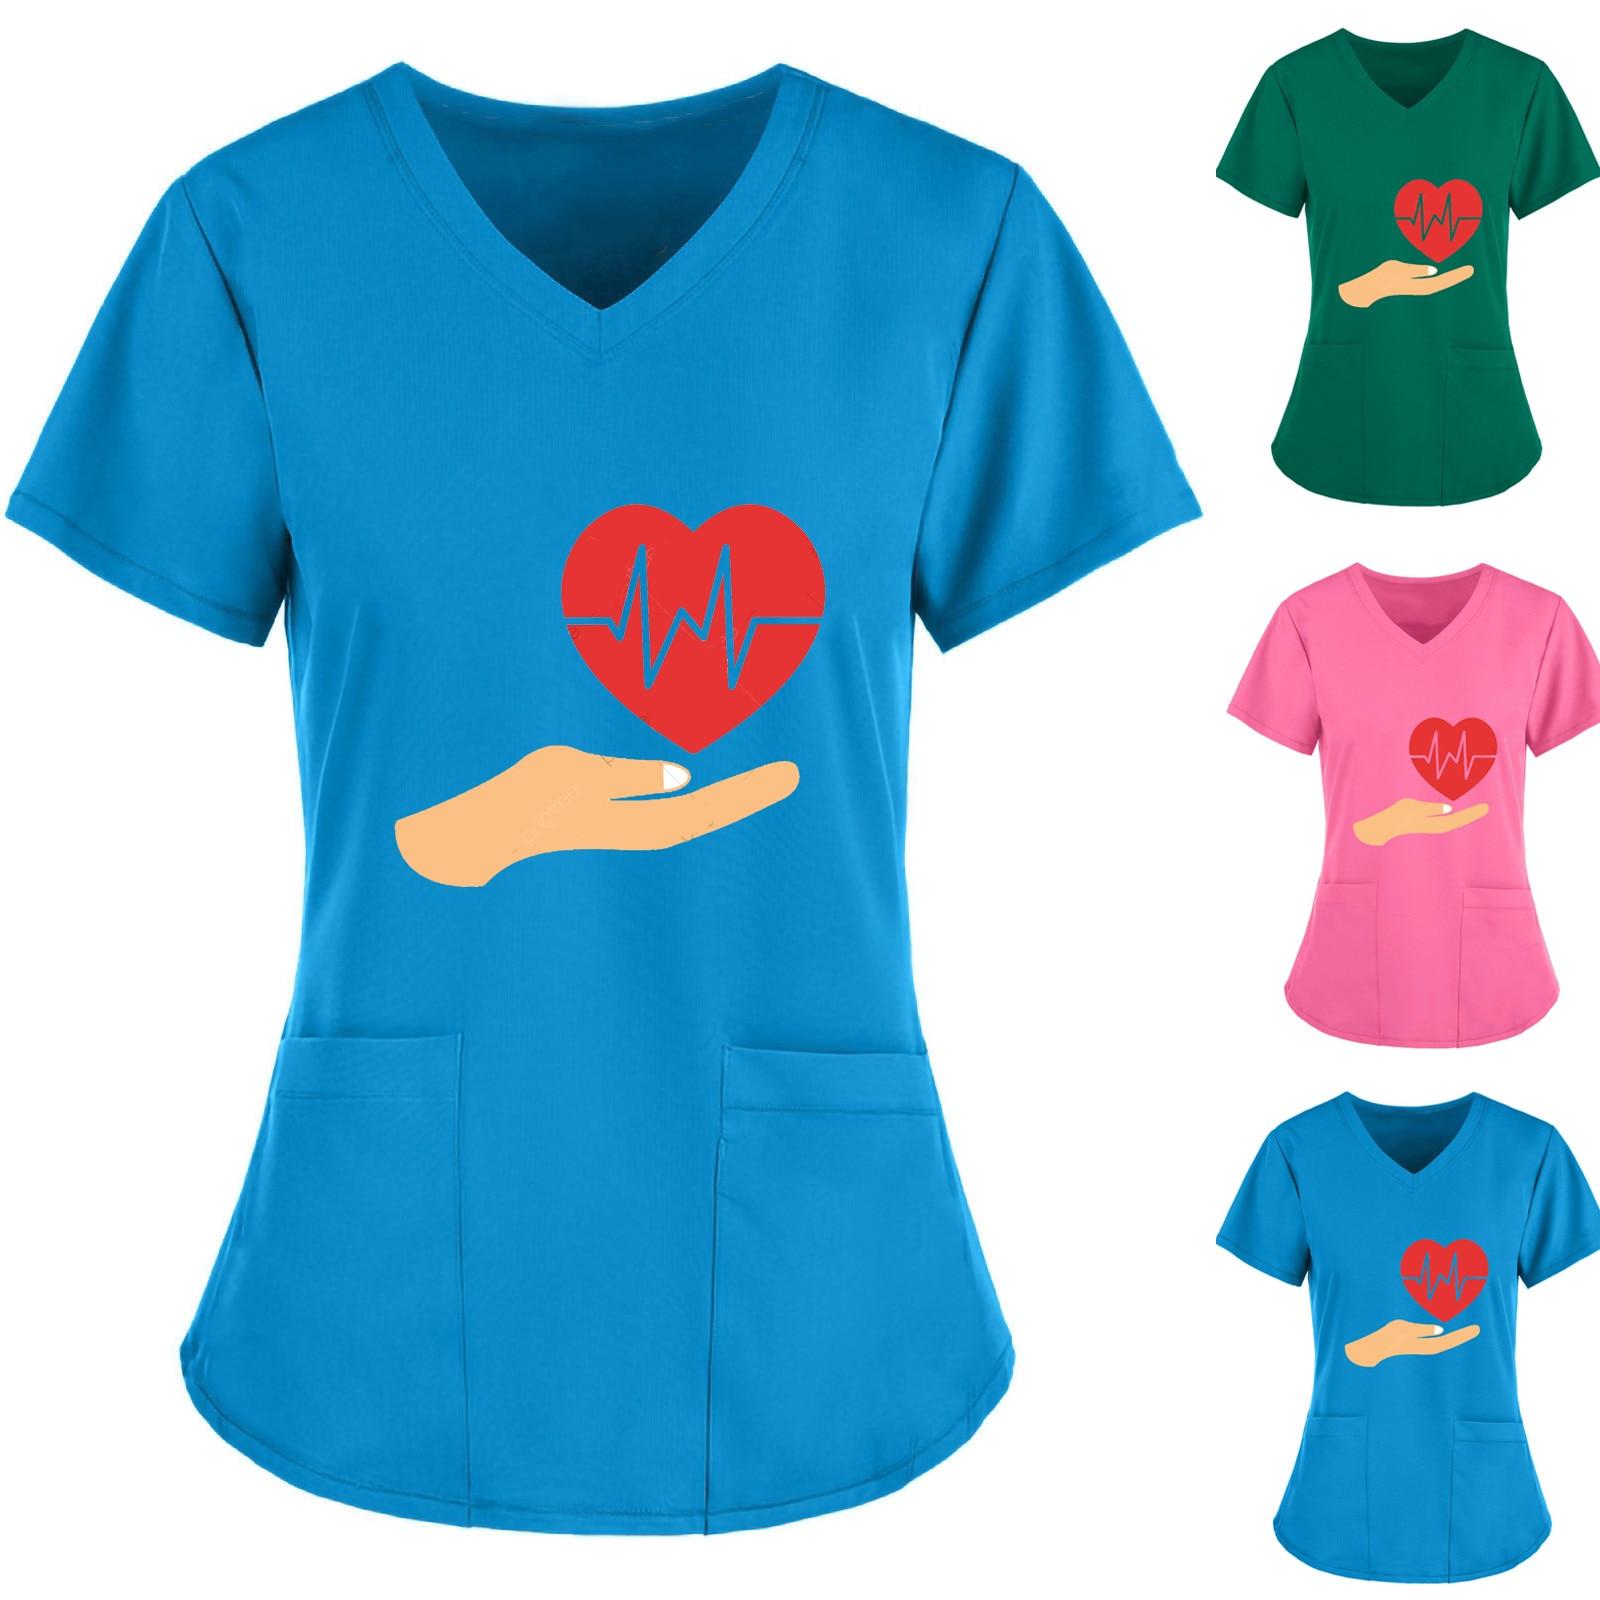 Медсестра уход комбинезоны Для женщин короткий рукав с круглым вырезом Топы Рабочая Униформа любовь, толстовка с длинными рукавами, блуза Т...